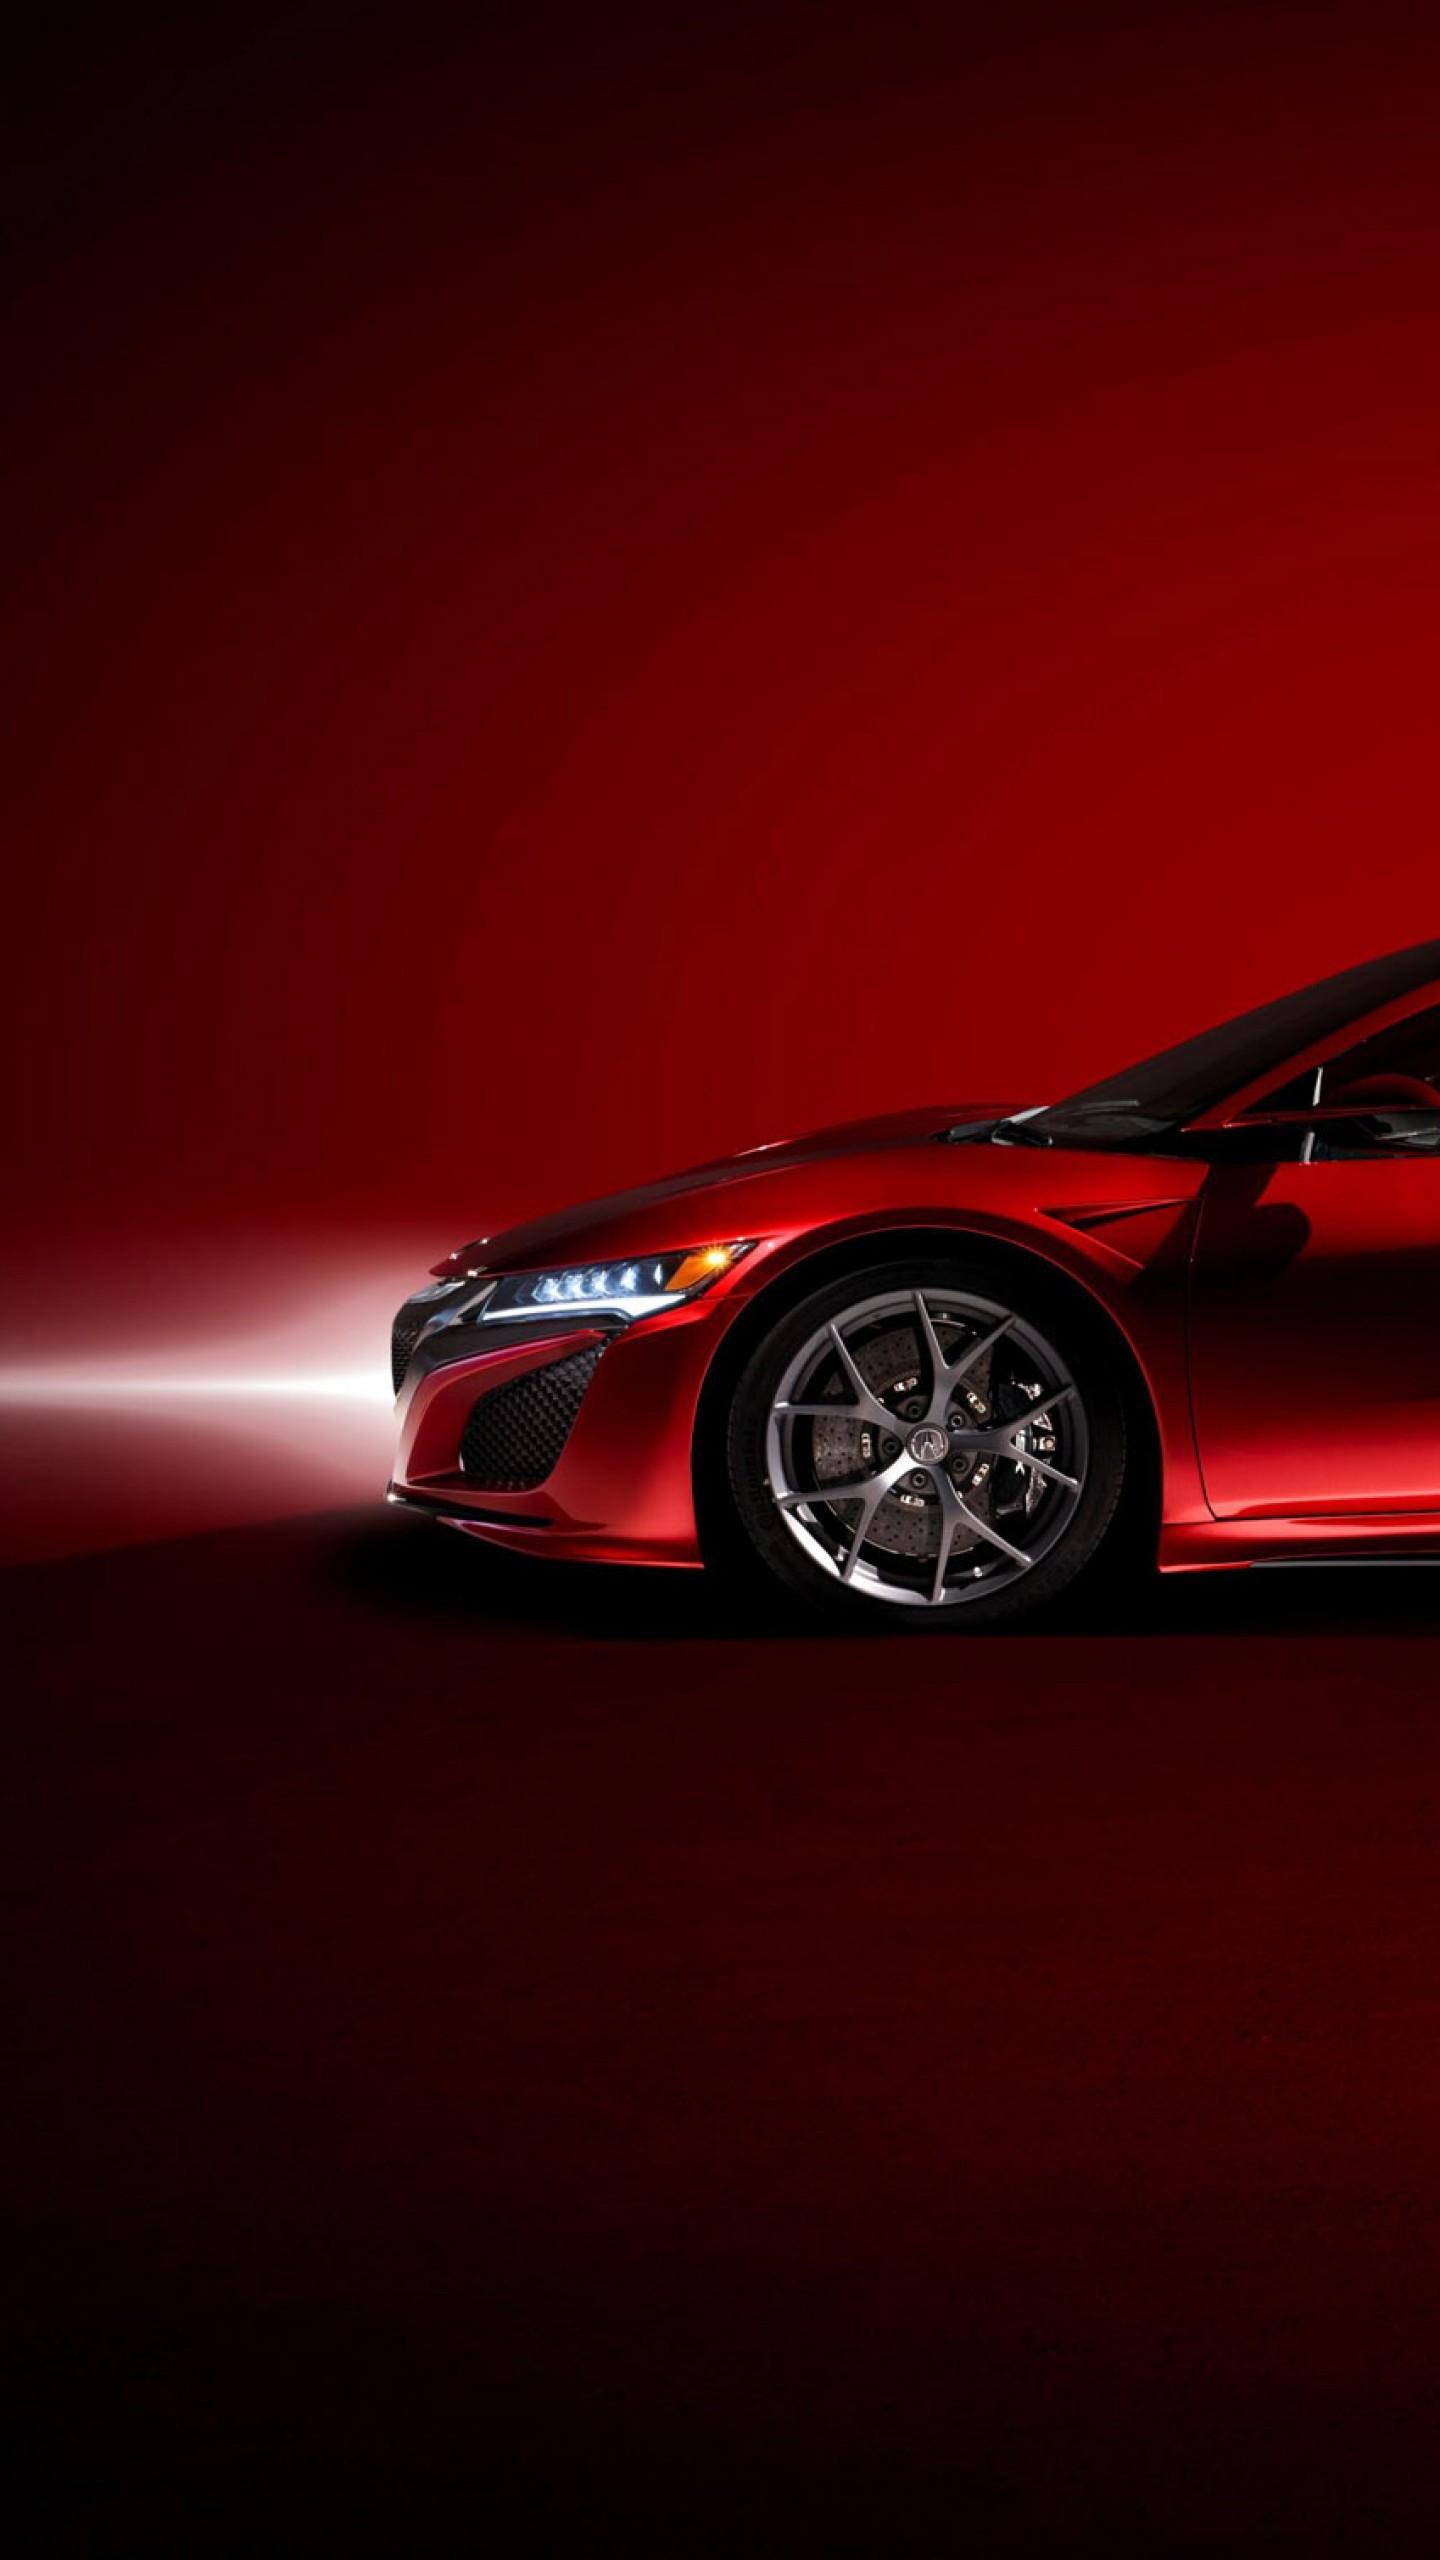 عکس زمینه اتومبیل سوپراسپرت مسابقه ای قرمز پس زمینه